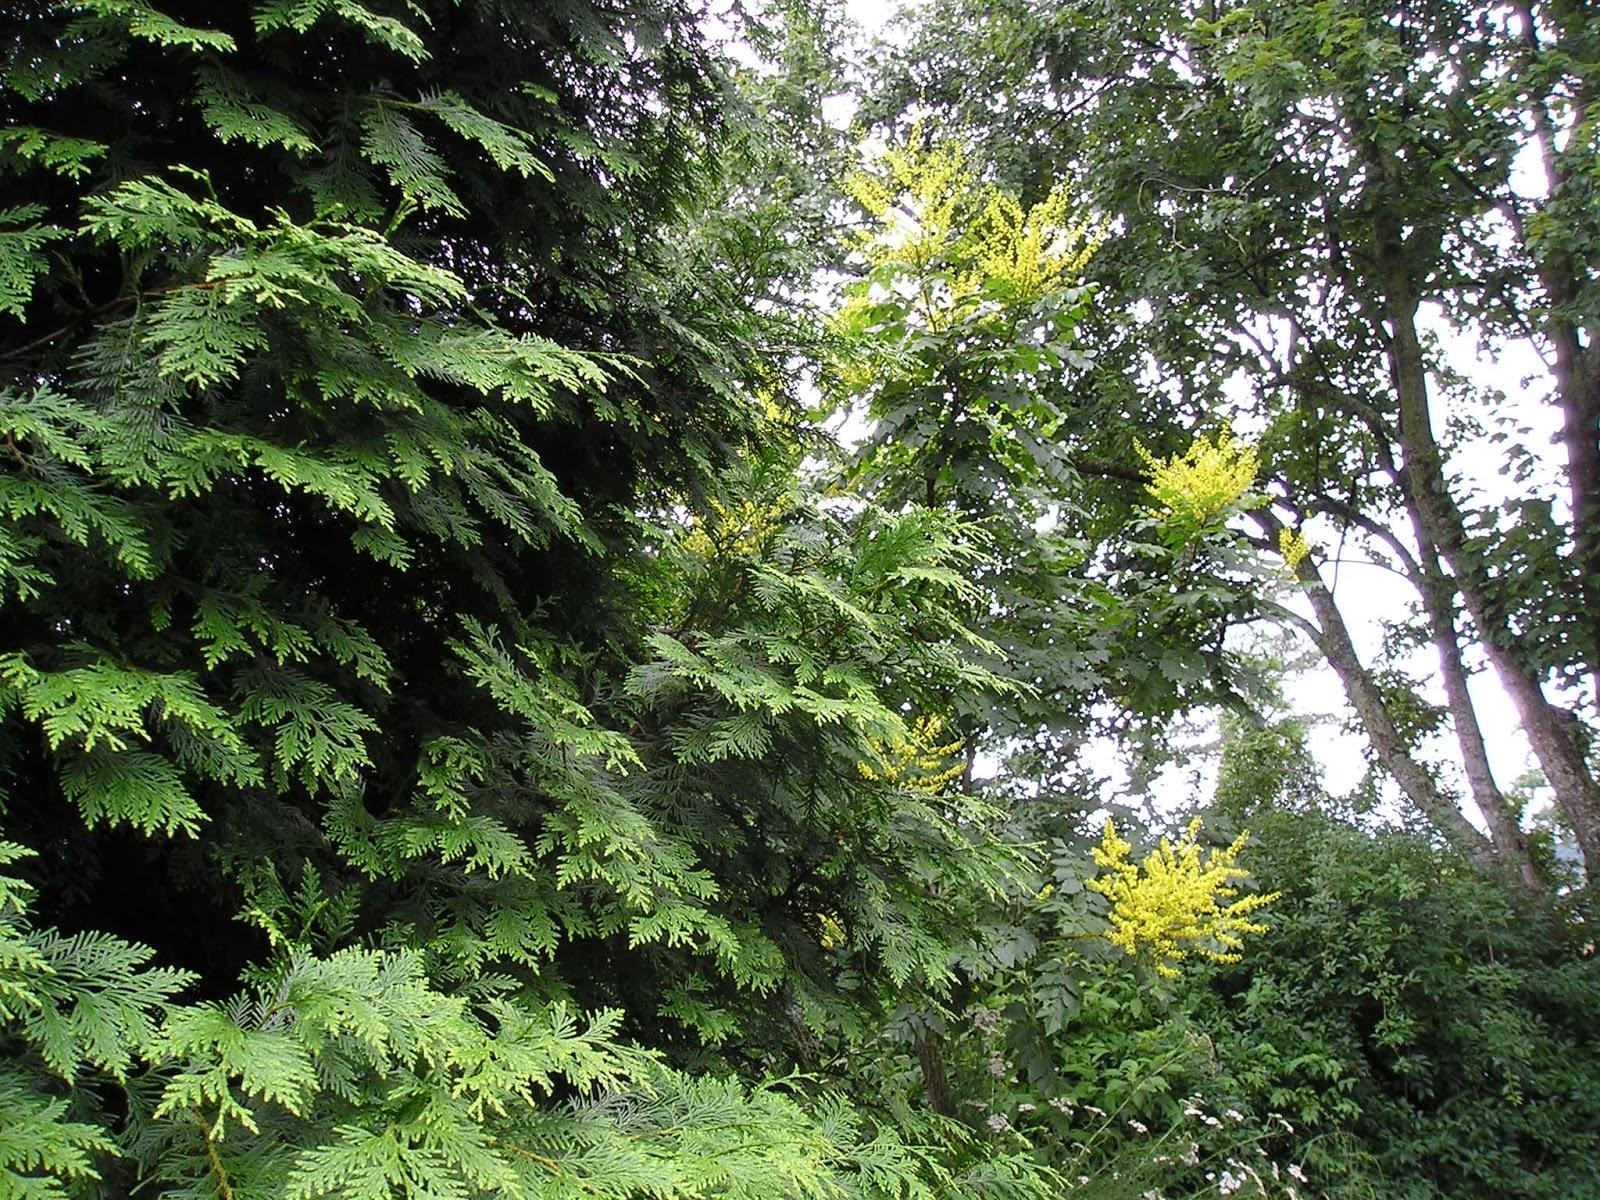 Carol S Garden: Carol's Greenville NC Garden: Small Trees In Bloom